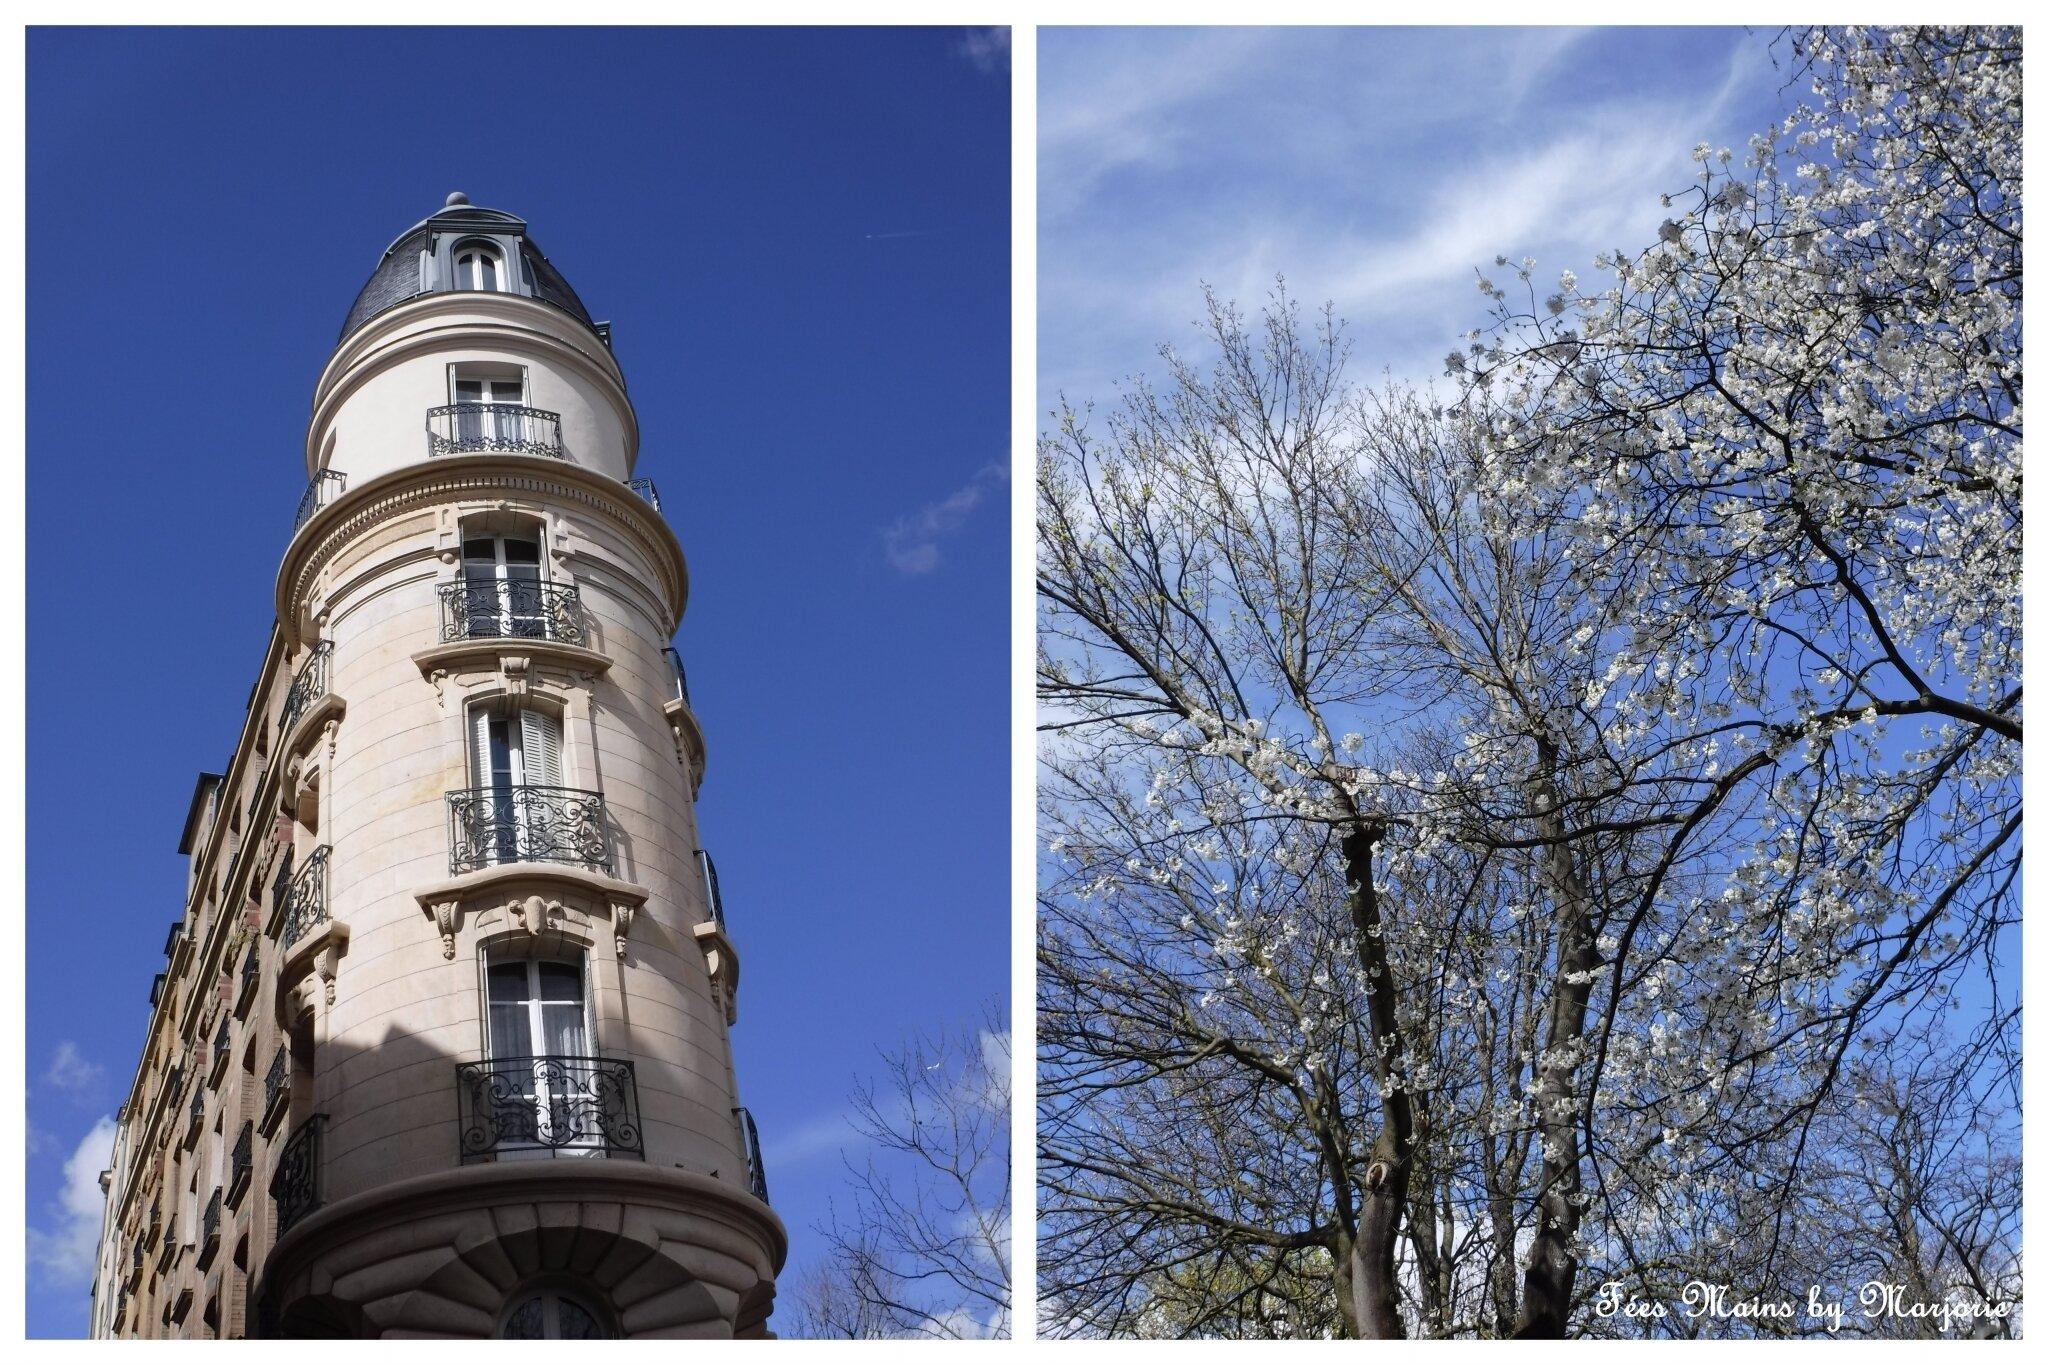 Paris mars 2017 printemps